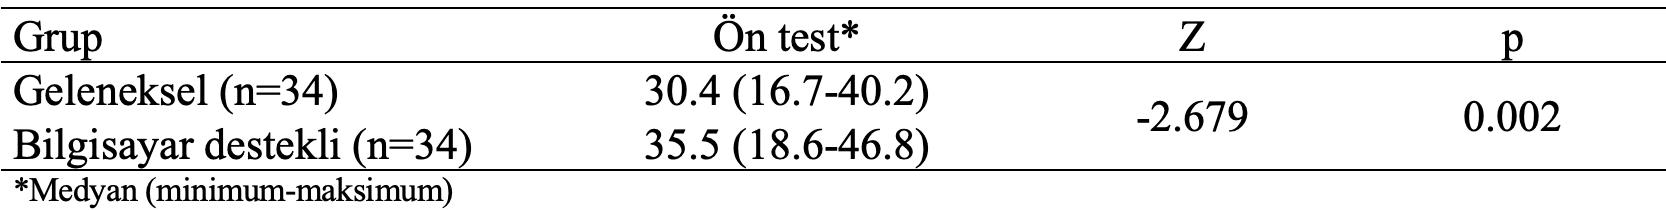 geleneksel bilgisayar grup ön test karşılaştırma